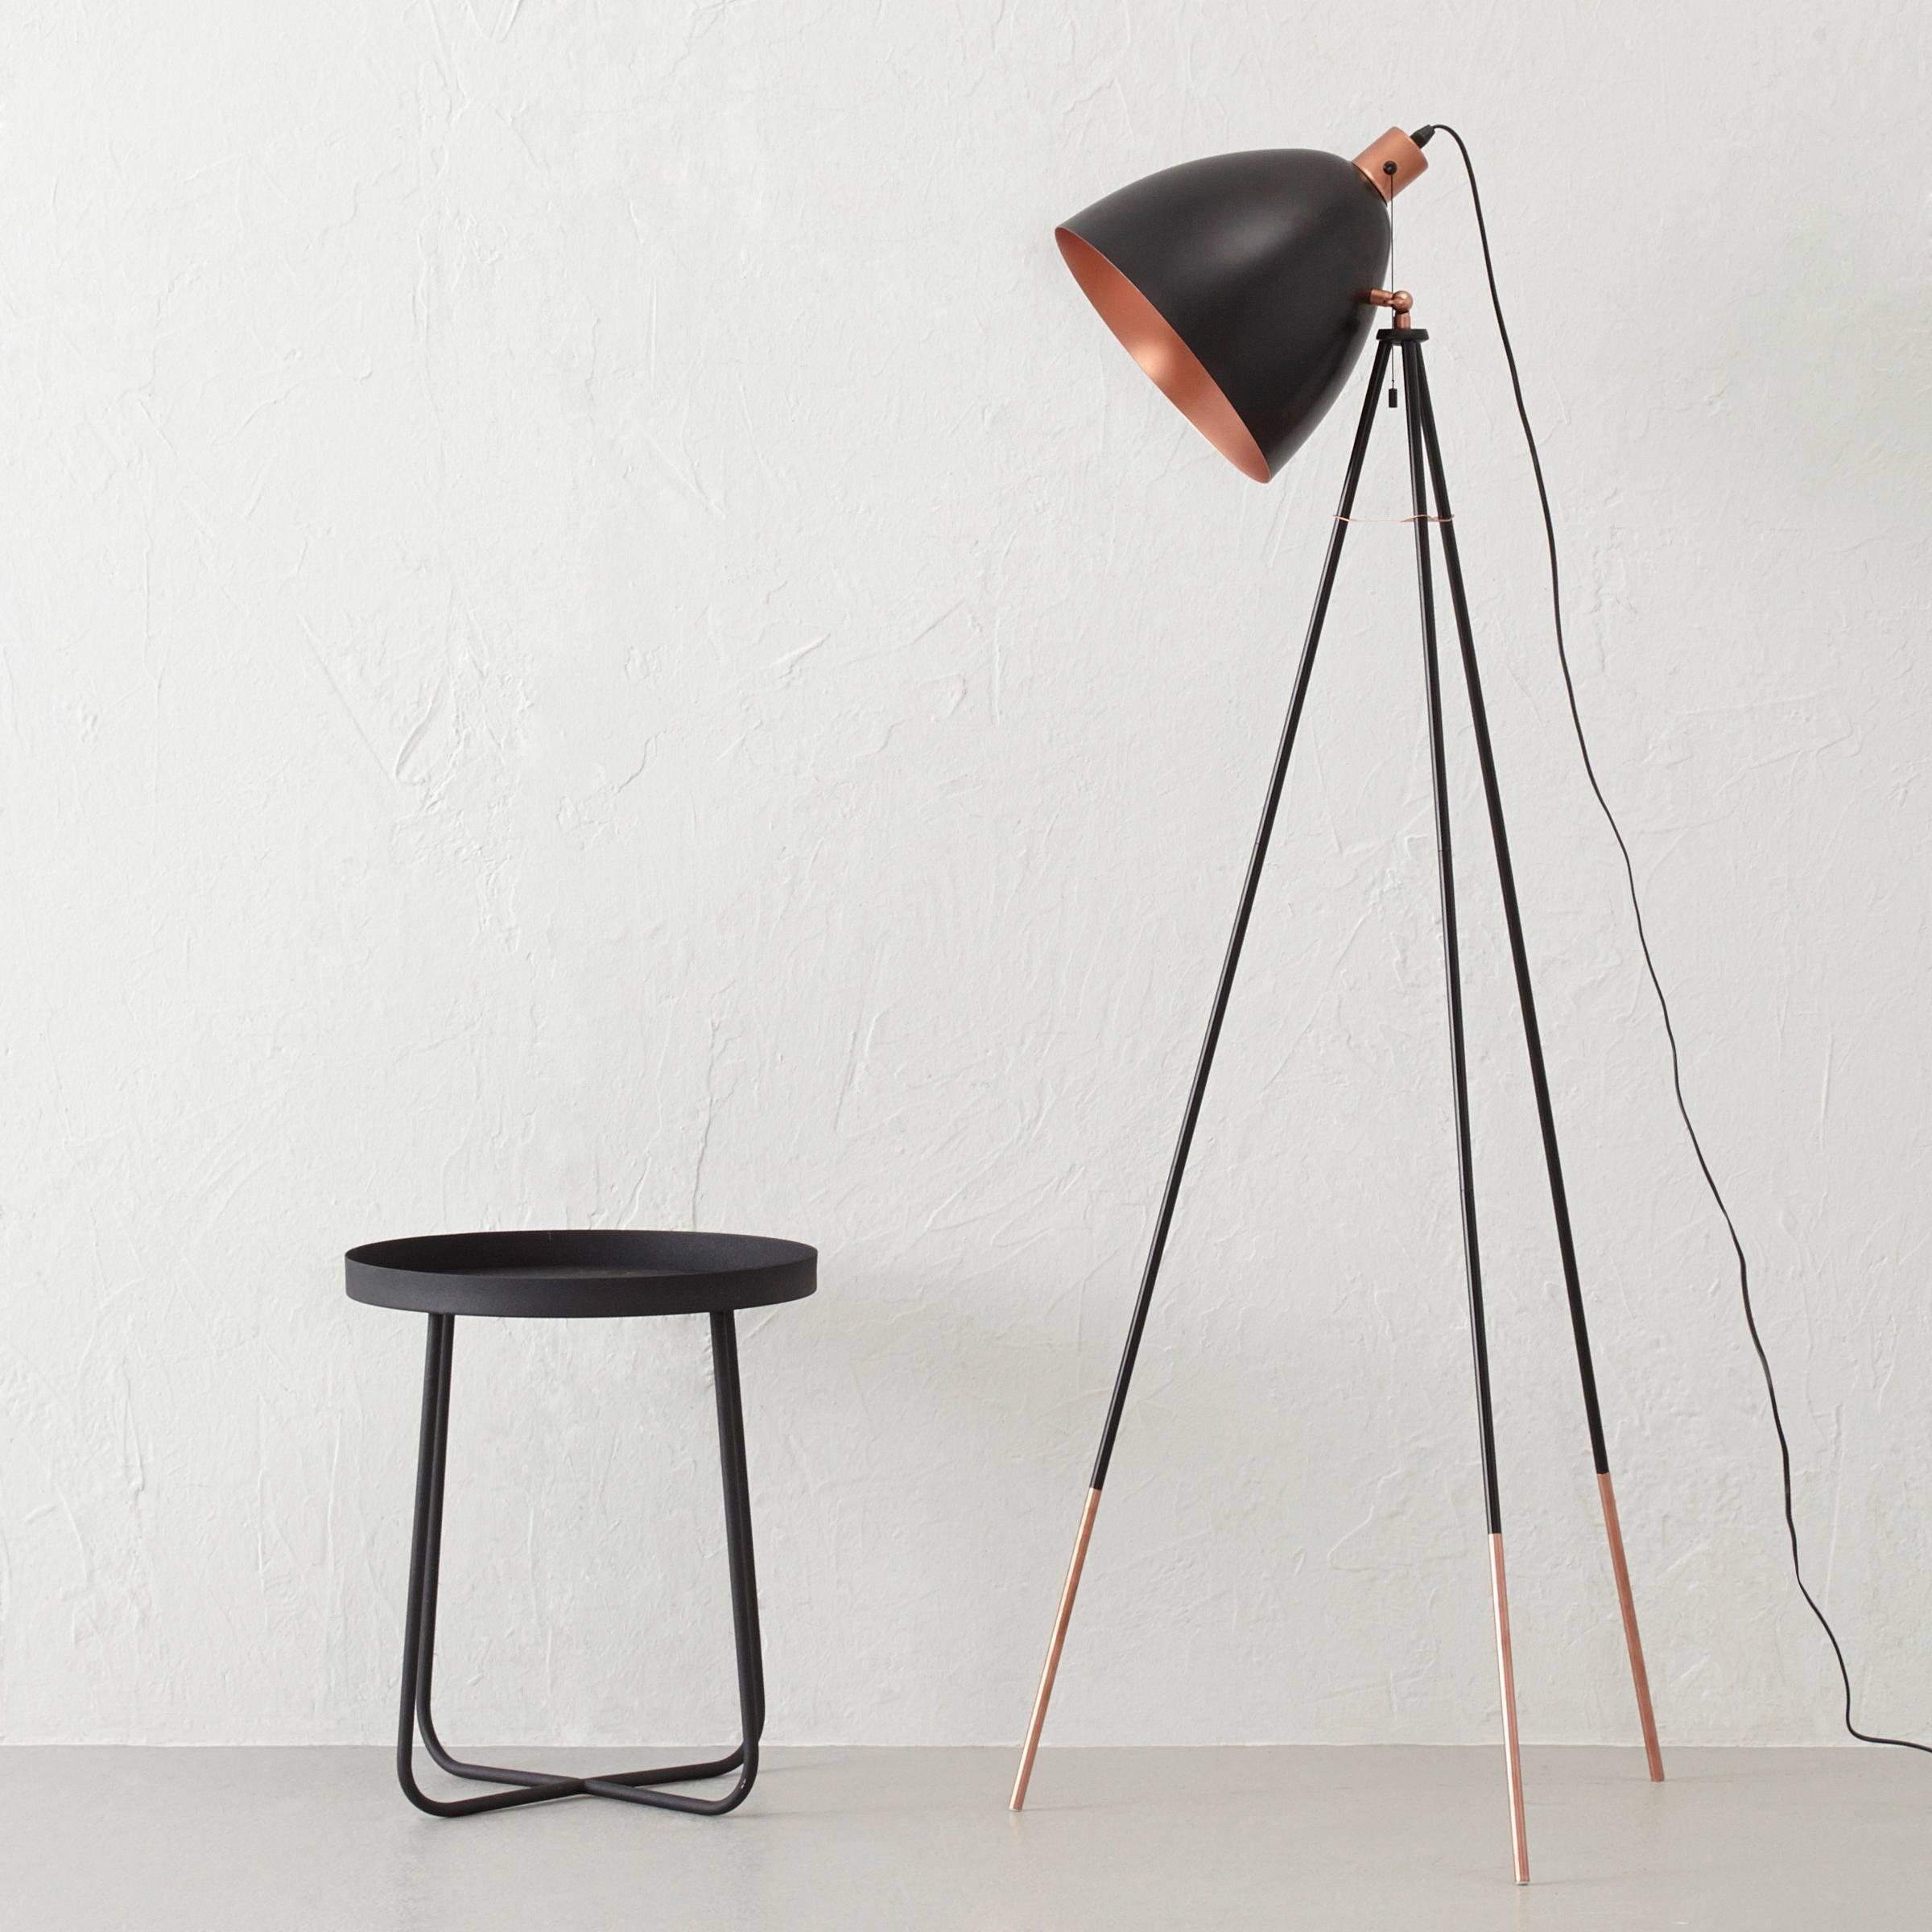 Favoriete EGLO Eglo vloerlamp | wehkamp AU95